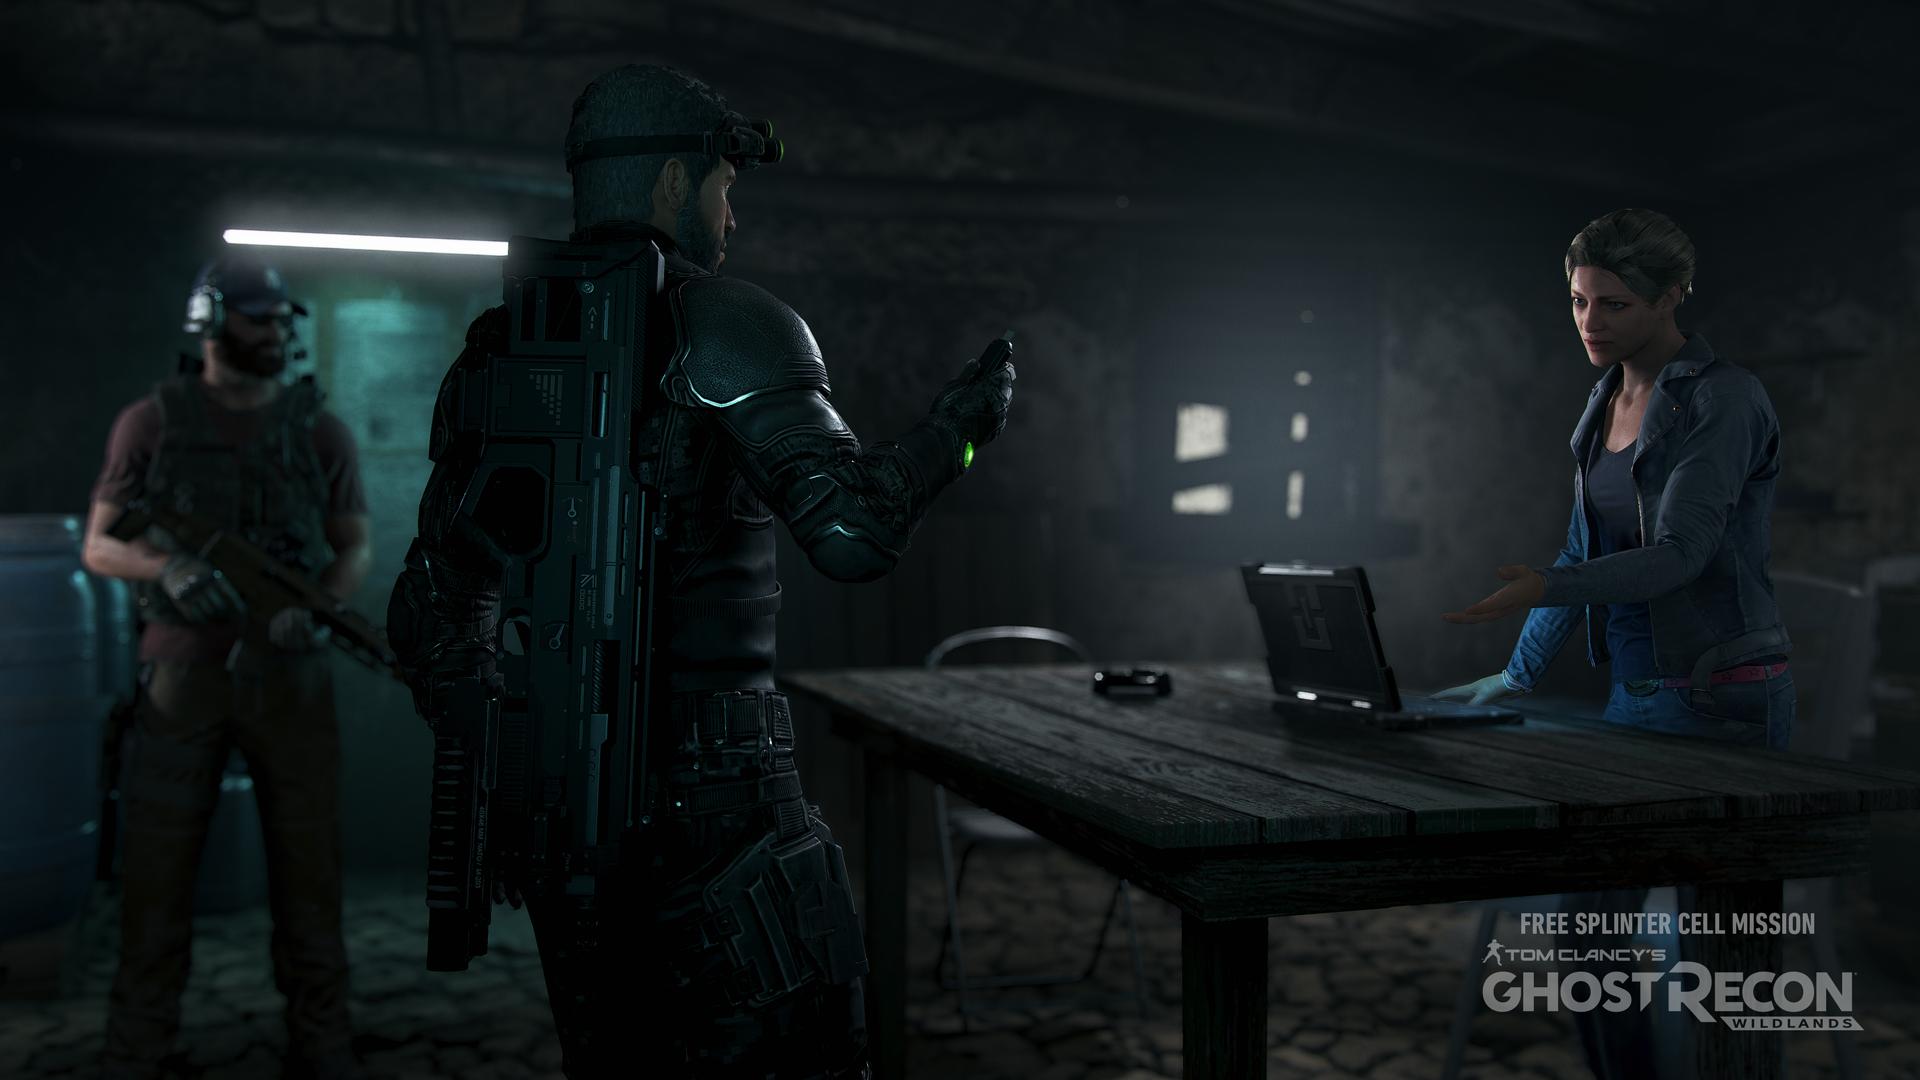 آیا بروزرسانی Ghost Recon Wildlands از نسخه جدید Splinter Cell خبر میدهد؟